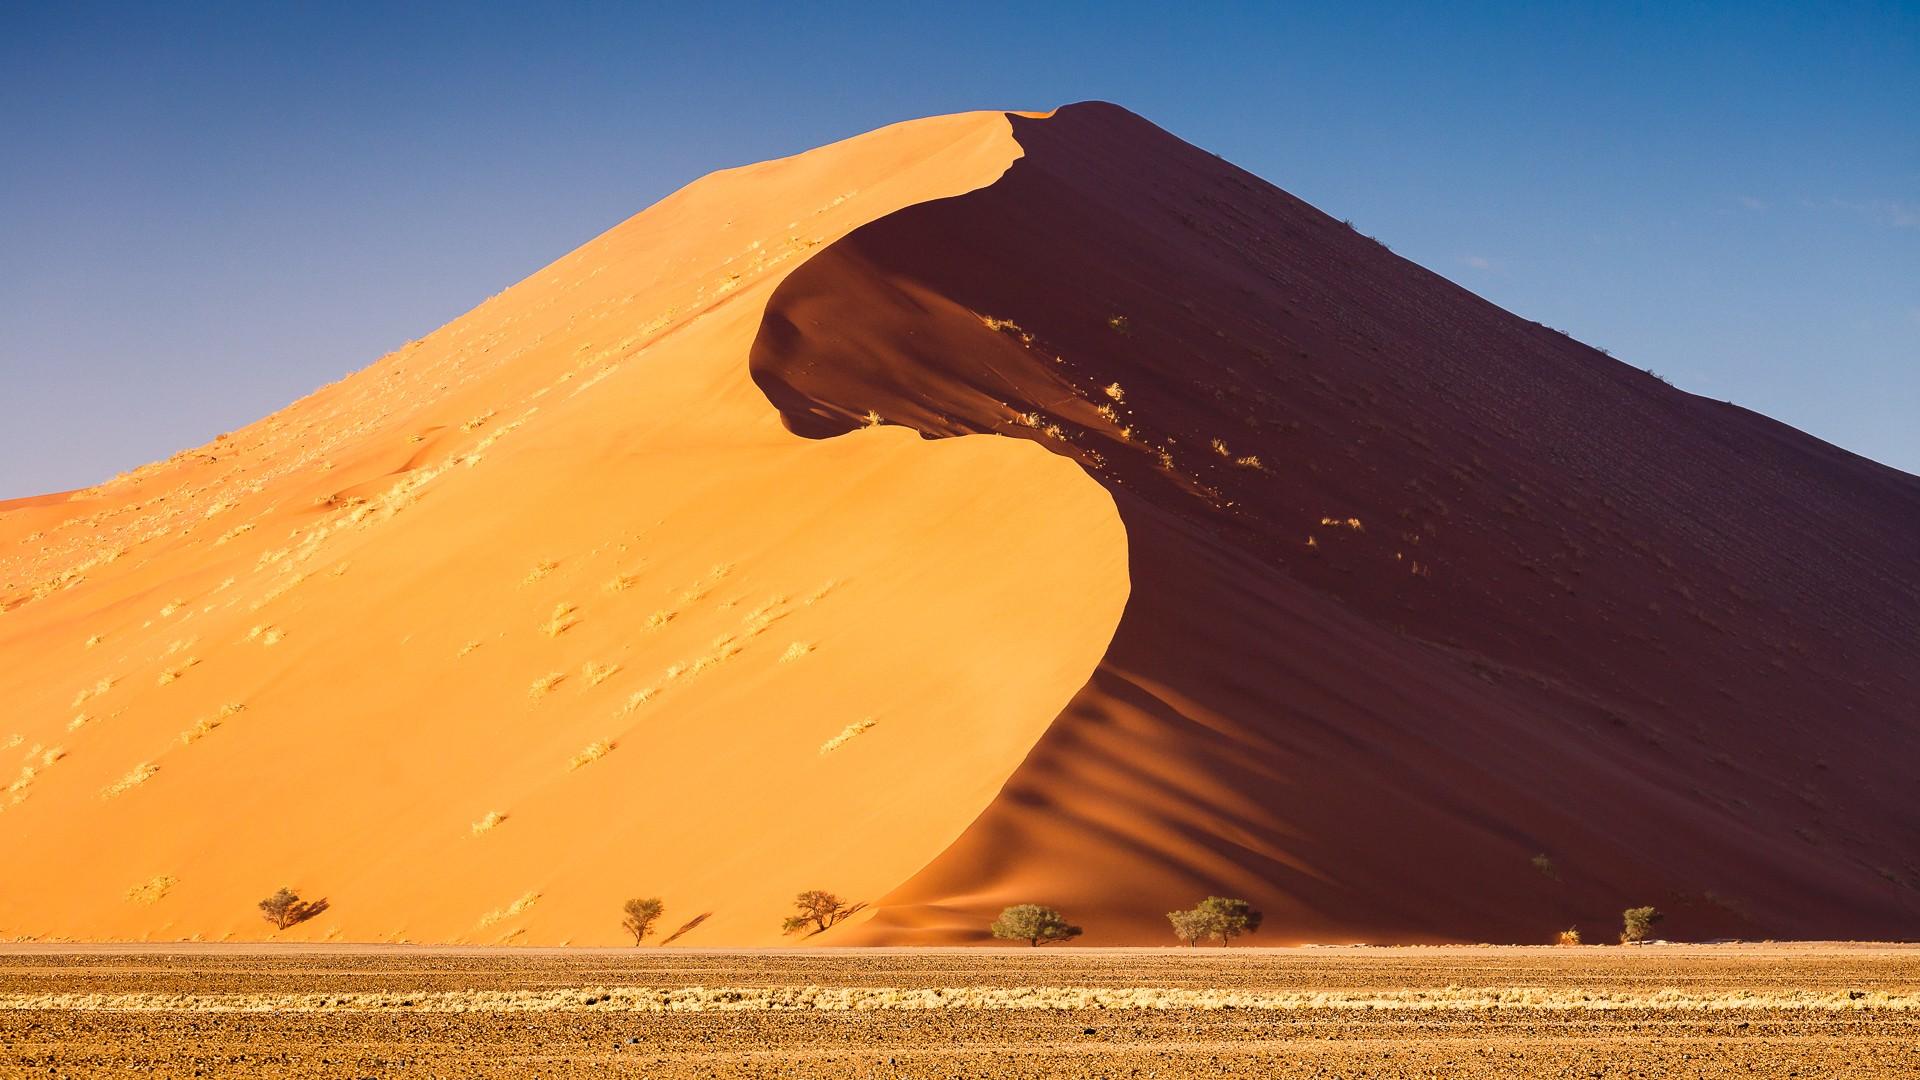 пока песчаные пустыни картинки разноцветного ламината приемы